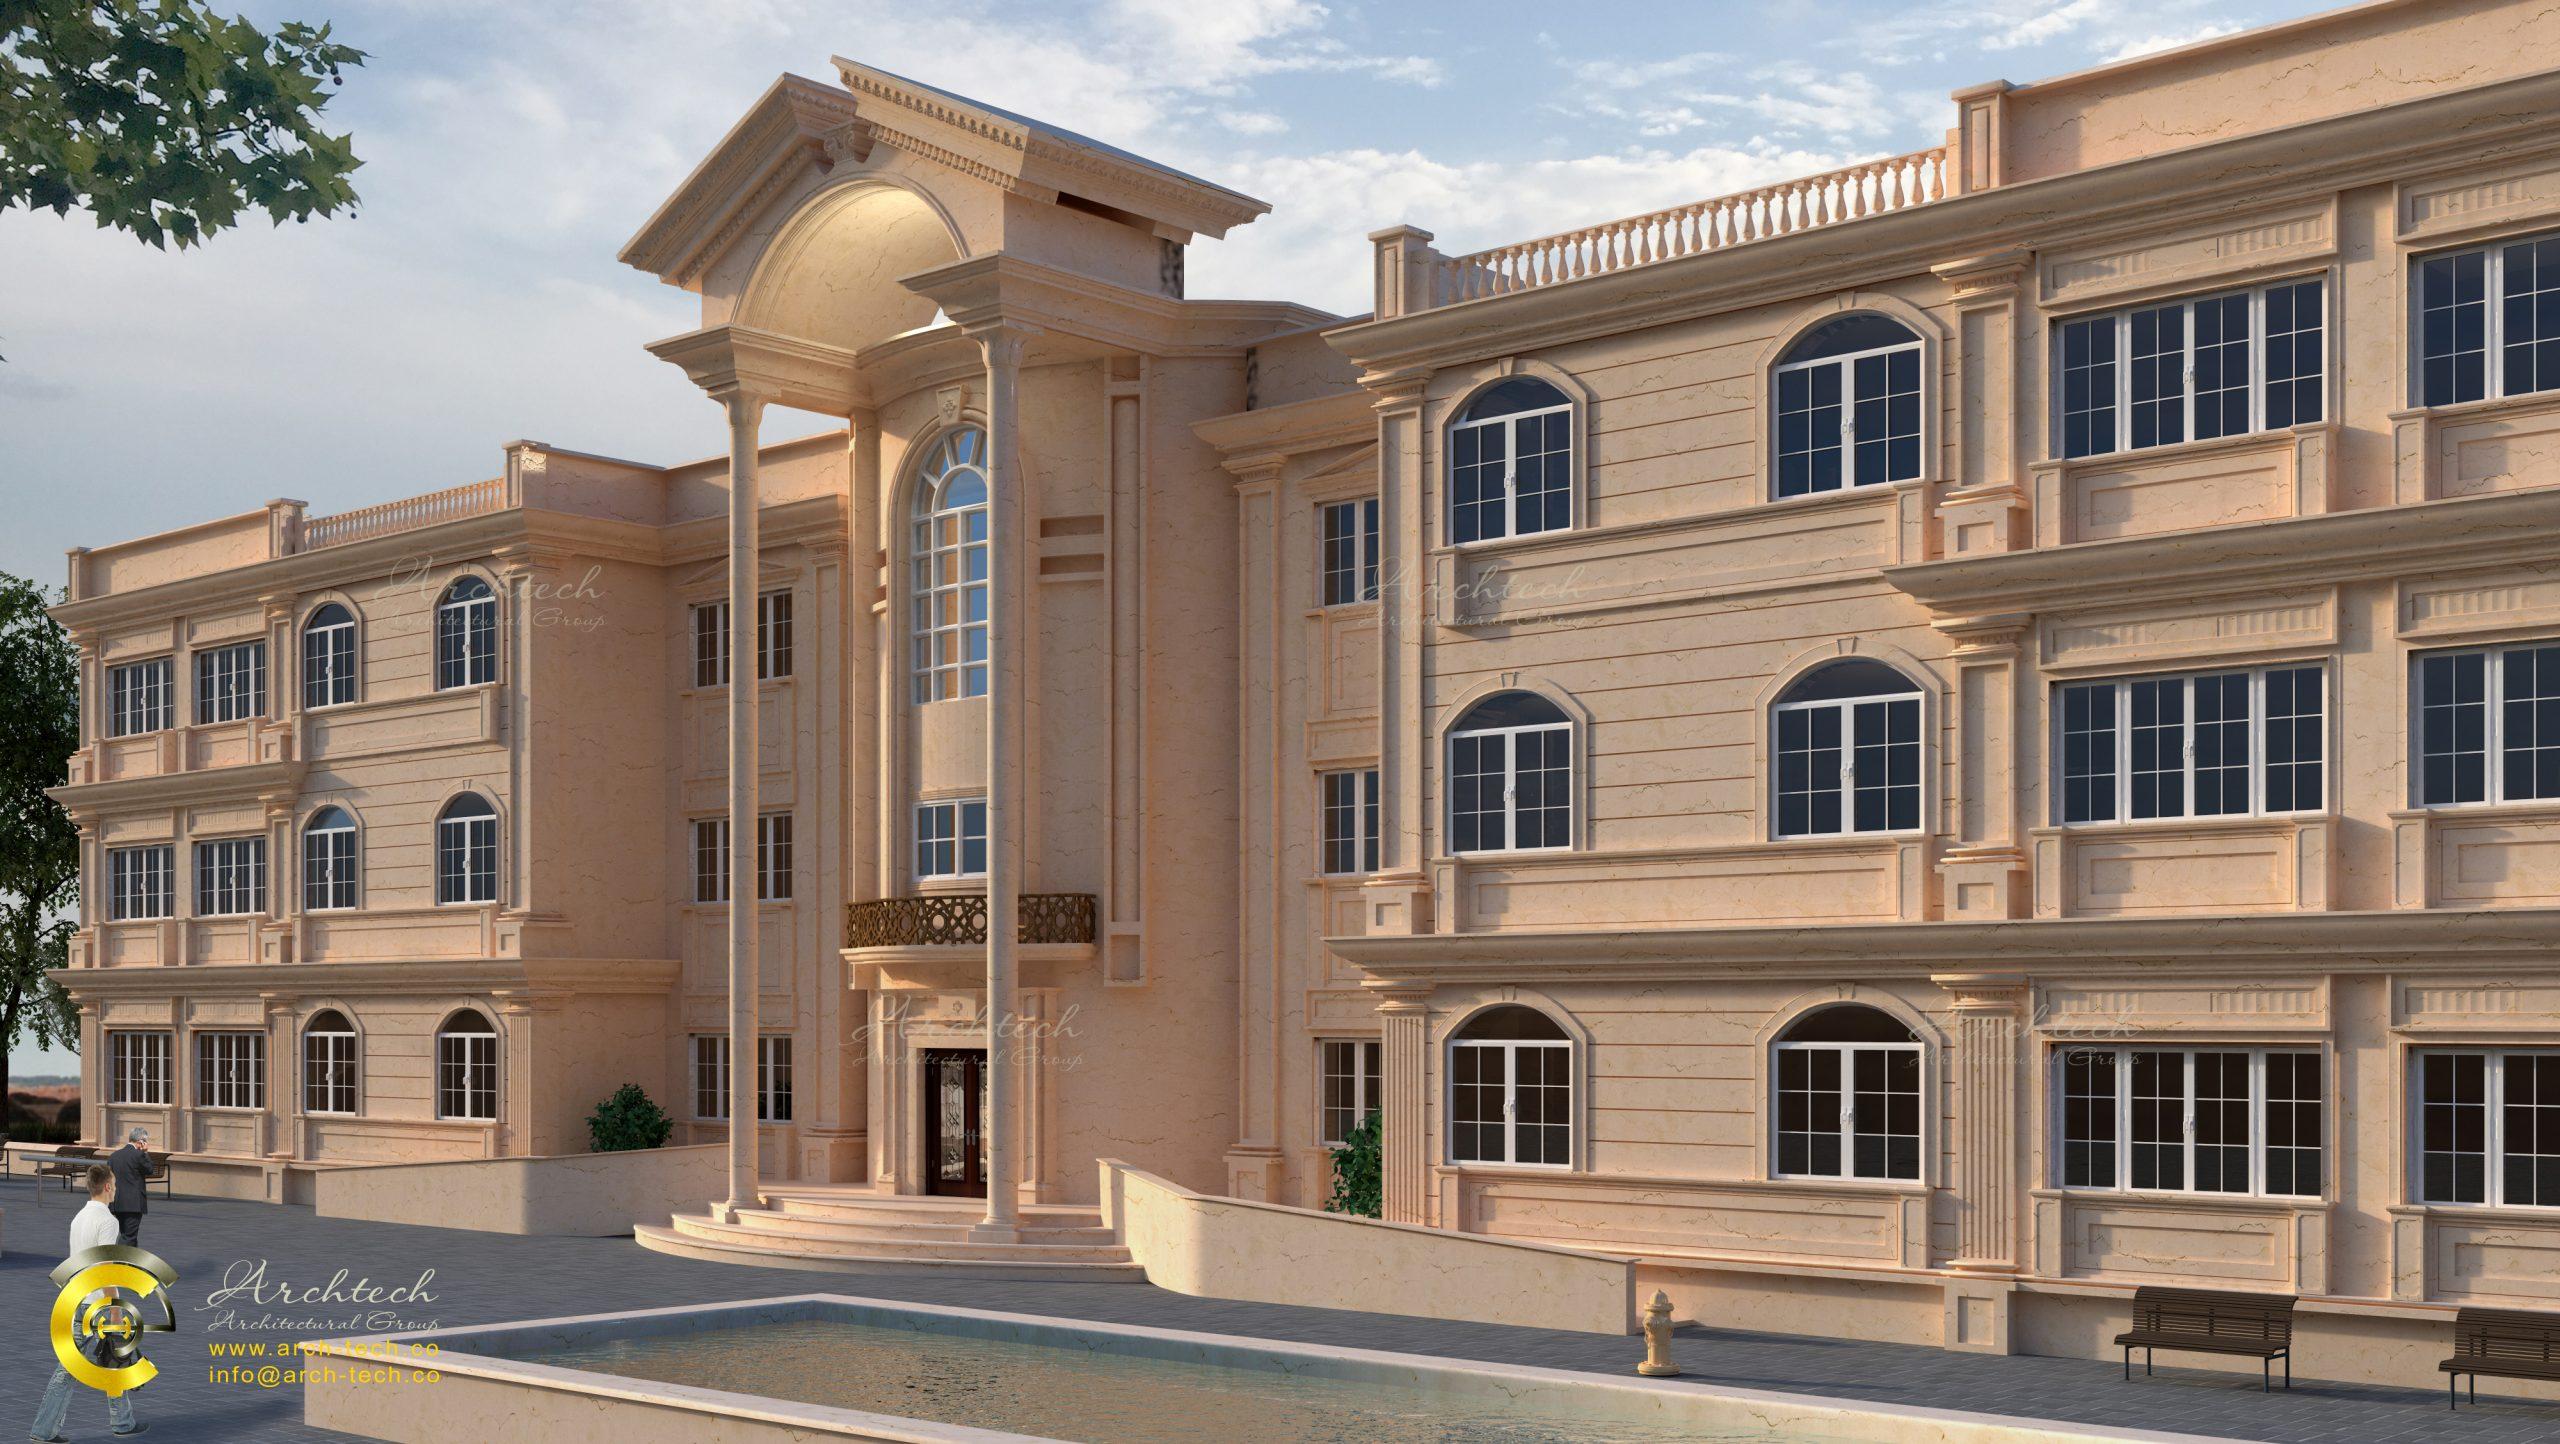 شهرداری گلسار-گروه معماری آرک تک